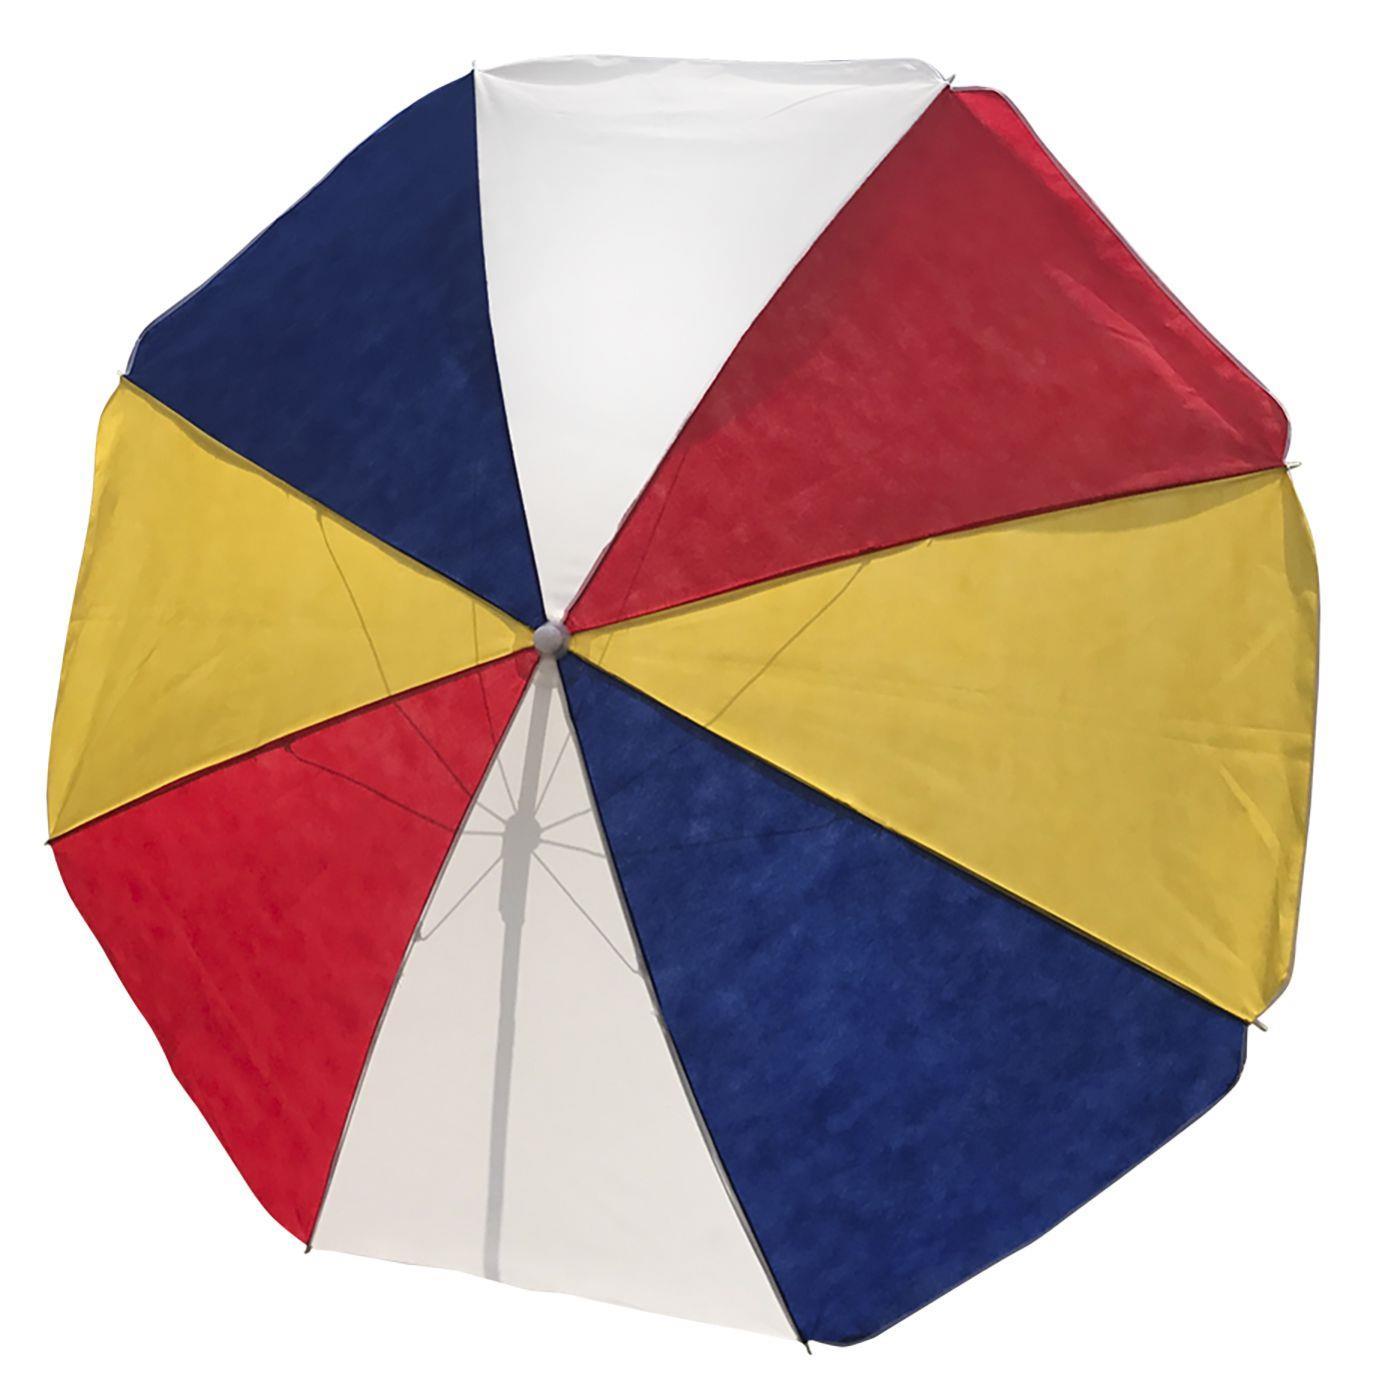 - ΟΜΠΡΕΛΑ ΤΝΤ ΠΑΡΑΛΙΑΣ ΜΕΓΑΛΗ 2m - - - - 42-536 καλοκαιρινά   εξοπλισμός παραλίας   ομπρέλες   βάσεις